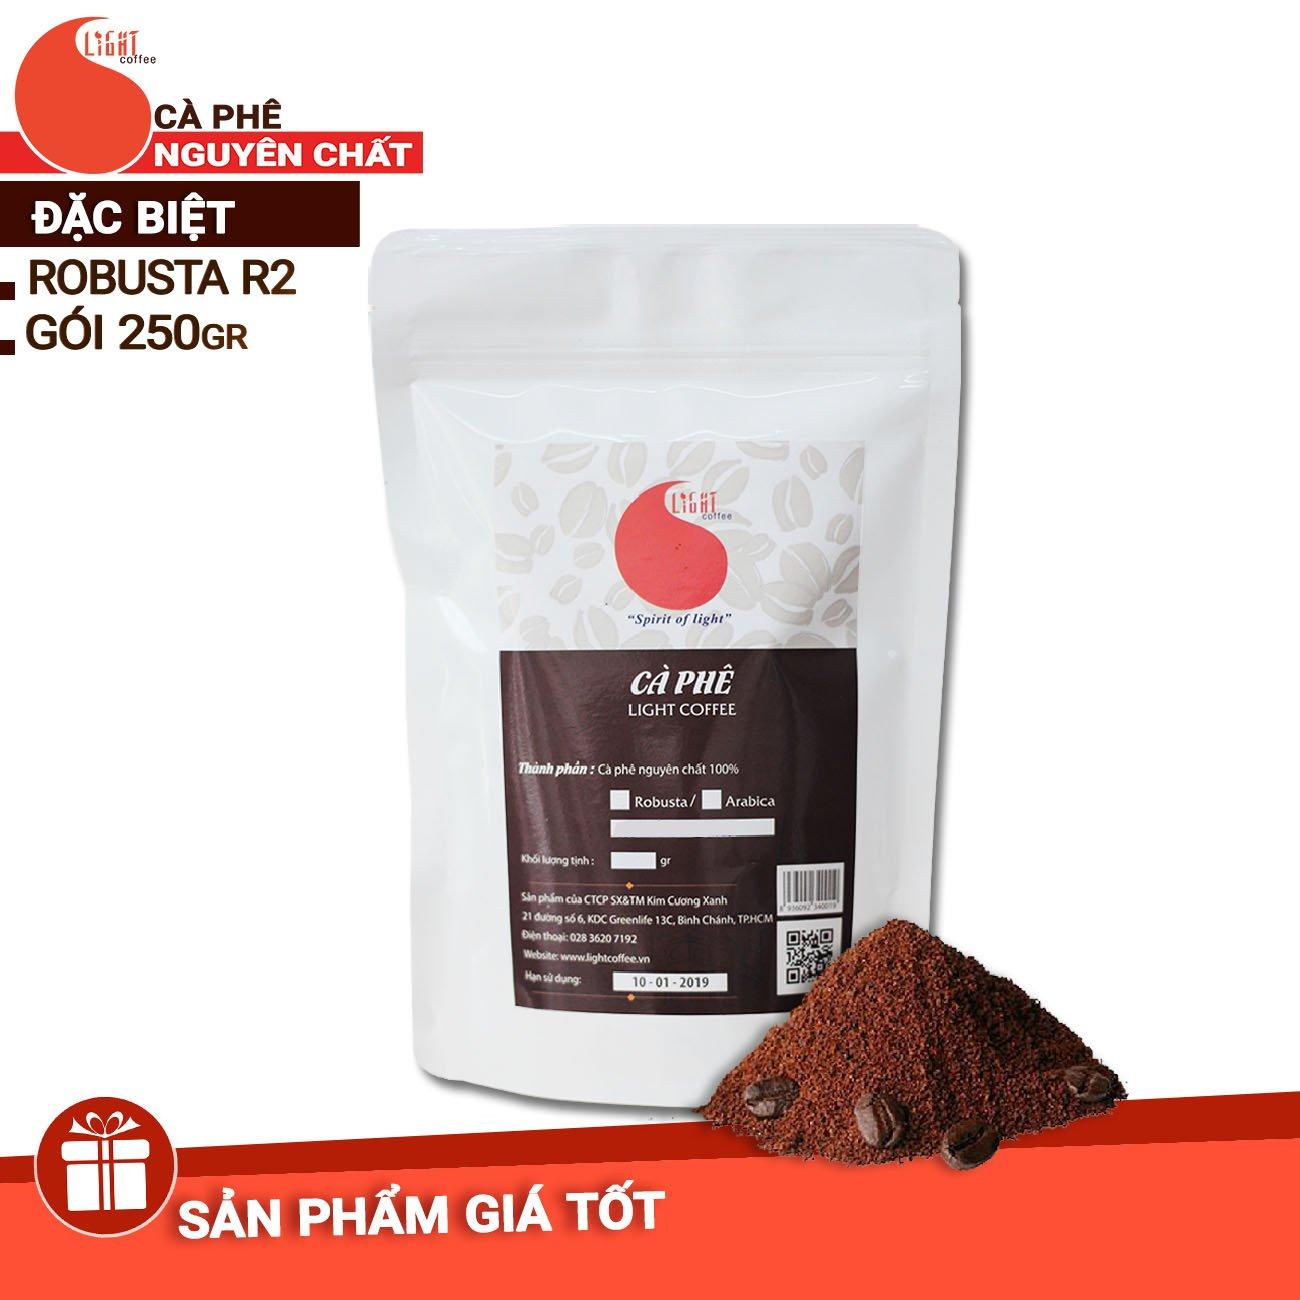 250gr - Cà phê bột Robusta Đặc biệt - Light Coffee